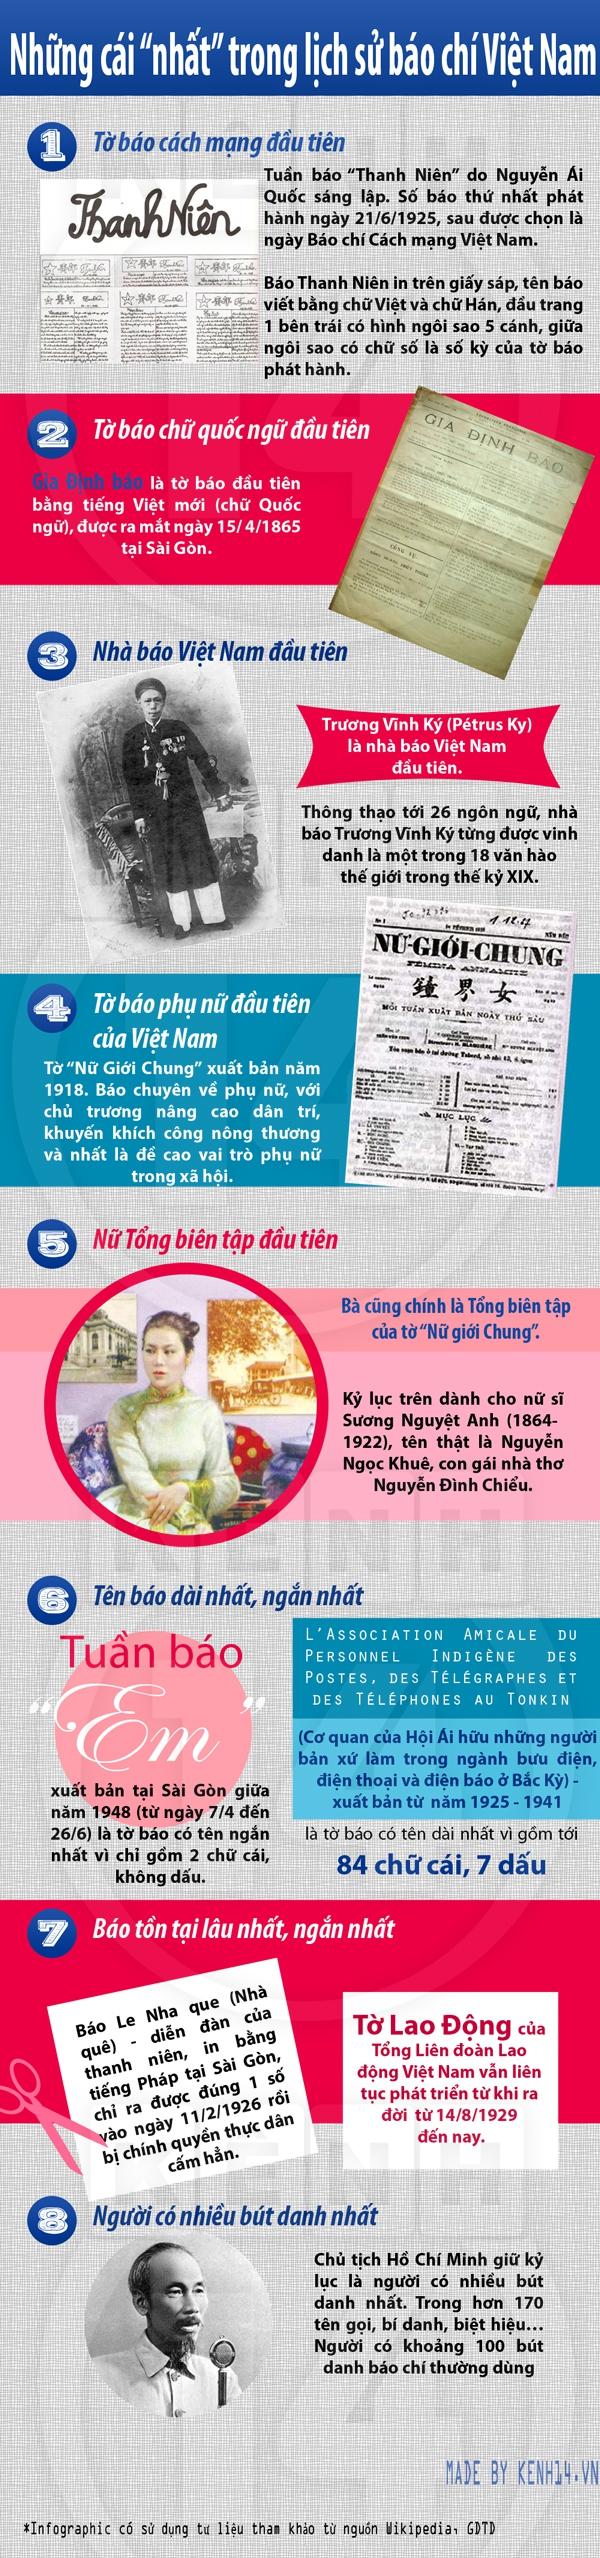 """Tranh vẽ: Những cái """"nhất"""" trong lịch sử báo chí Việt Nam 1"""